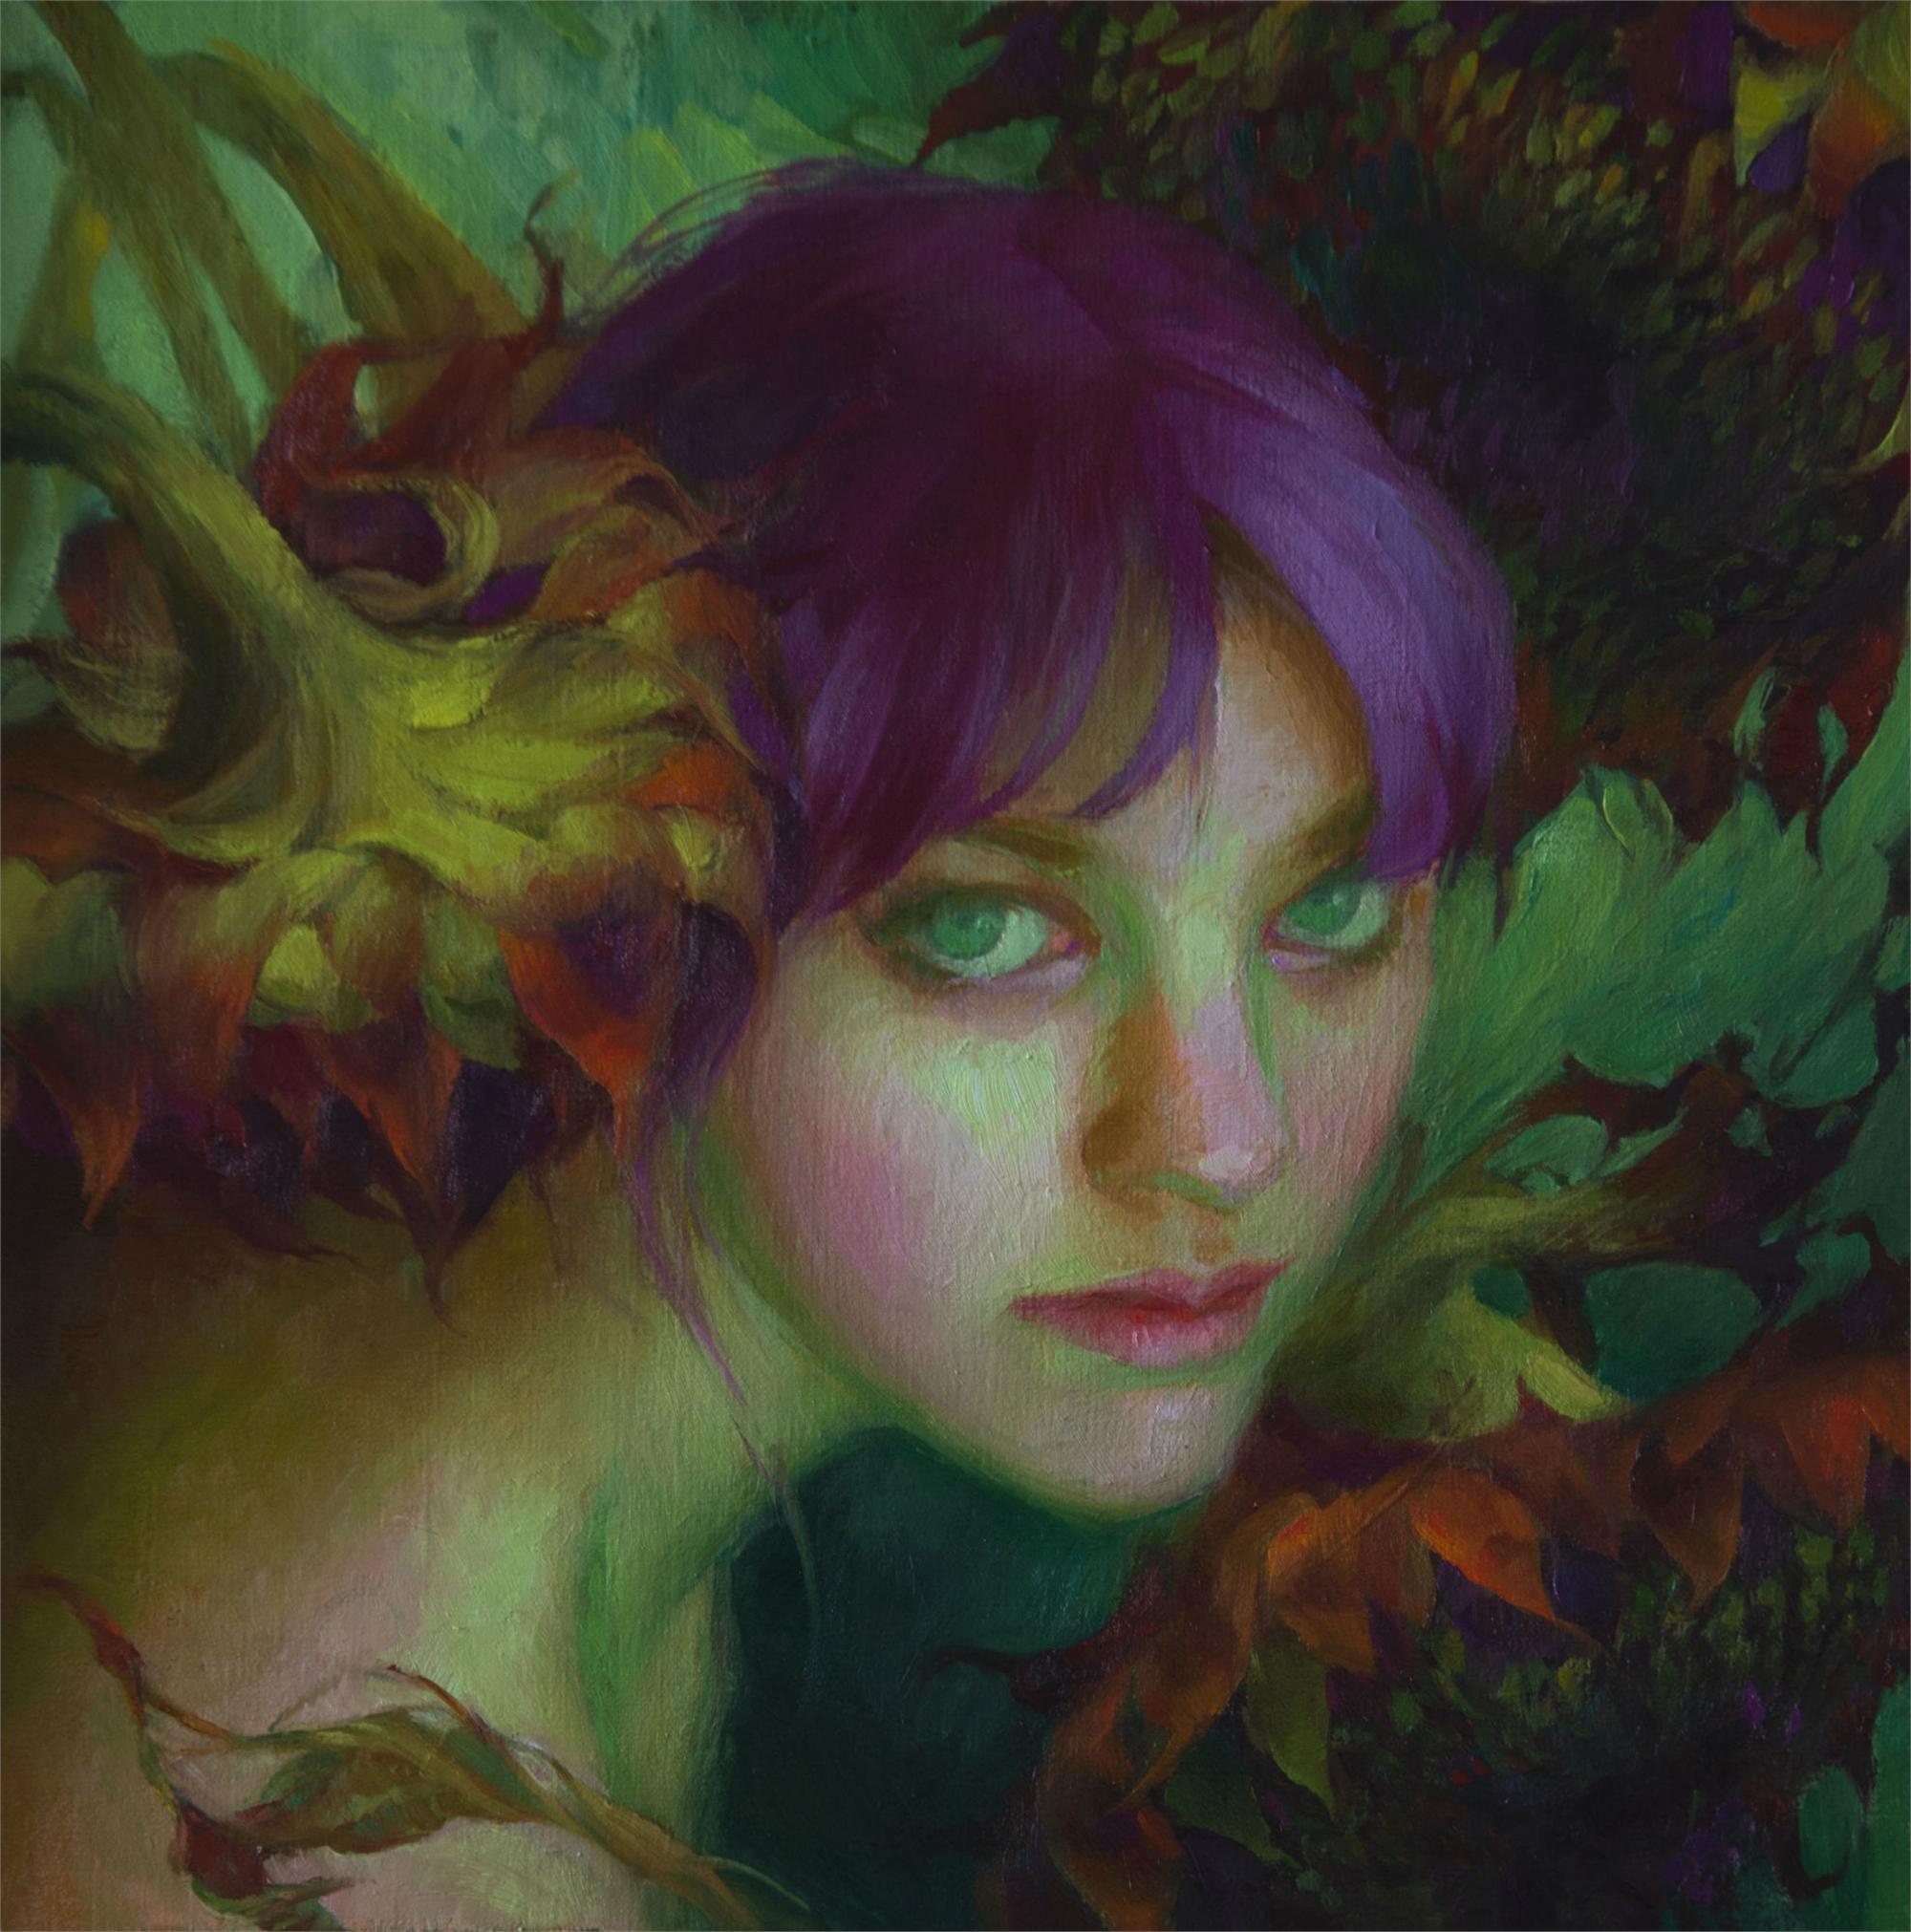 Sunflower by Adrienne Stein